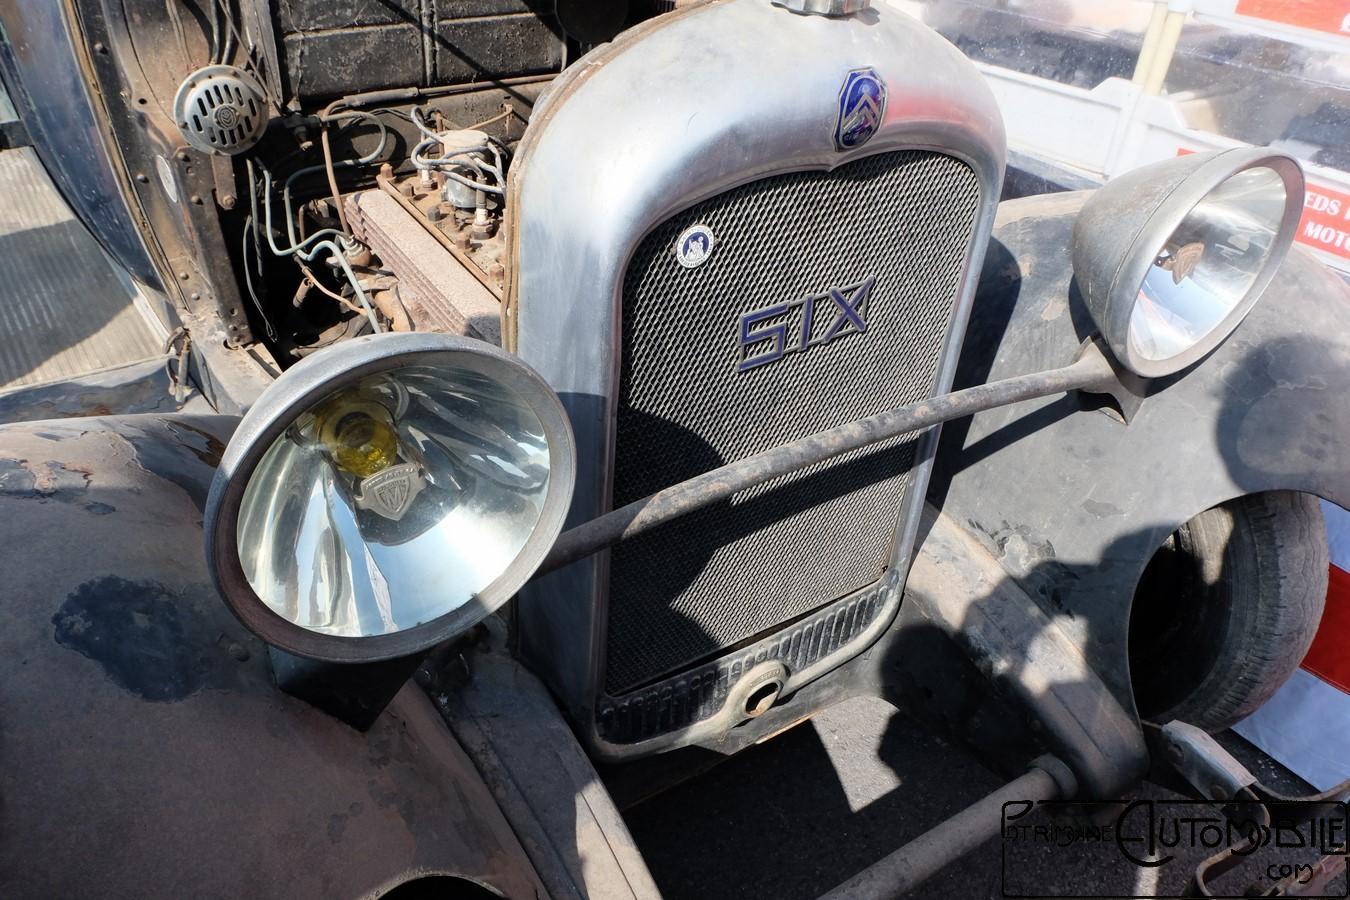 citro n c6 vendue par le garage st didier paris patrimoine automobile com. Black Bedroom Furniture Sets. Home Design Ideas